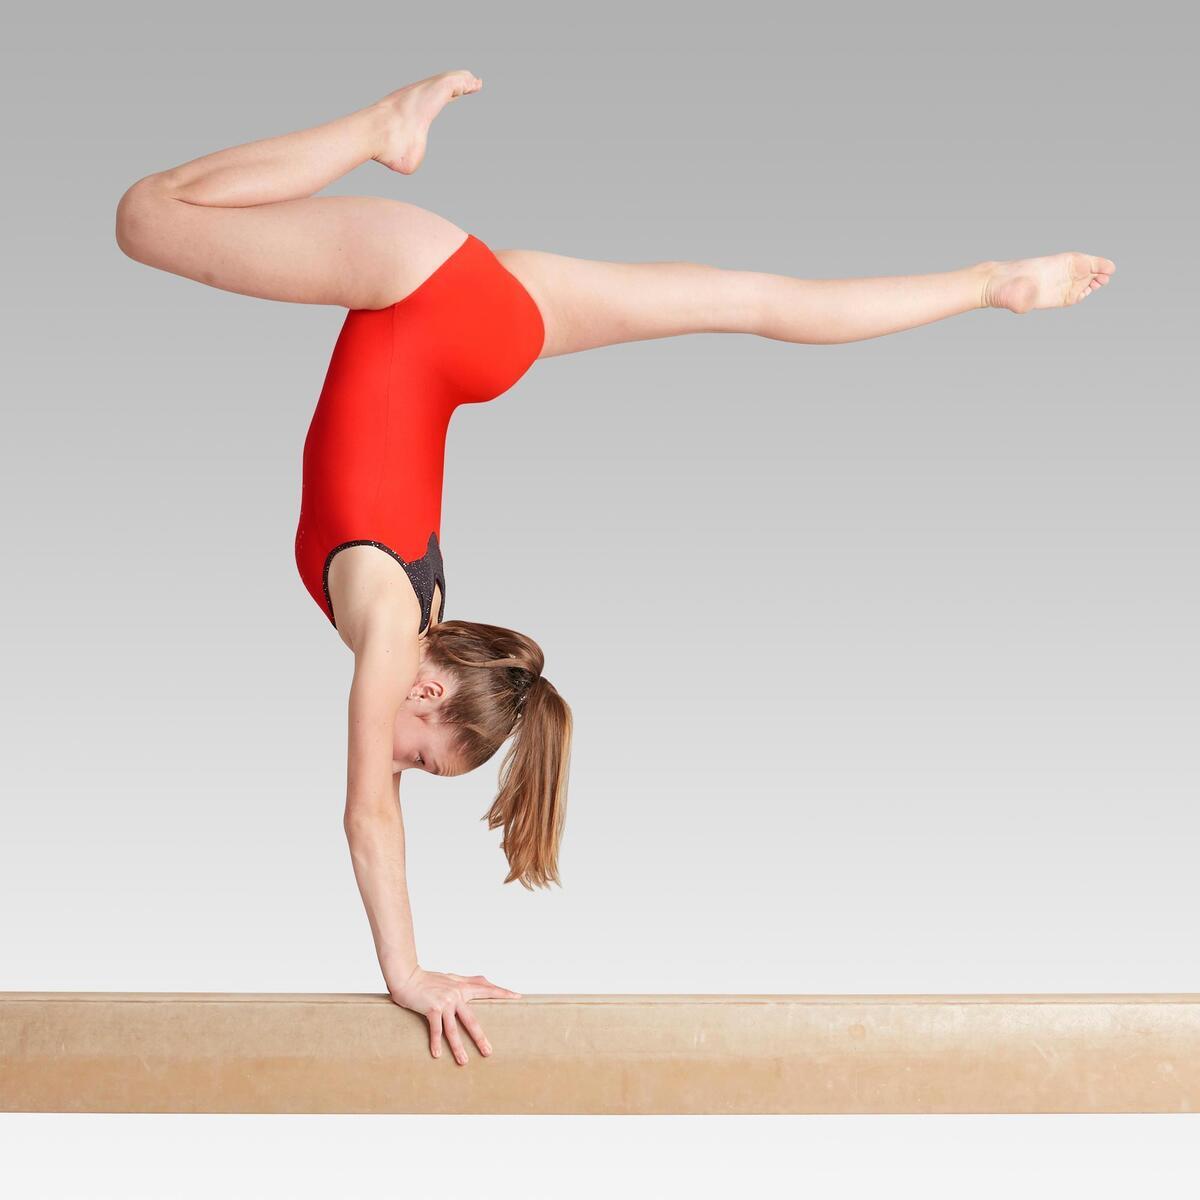 Bild 4 von Gymnastikanzug Turnanzug ärmellos 540 SM rot/schwarz